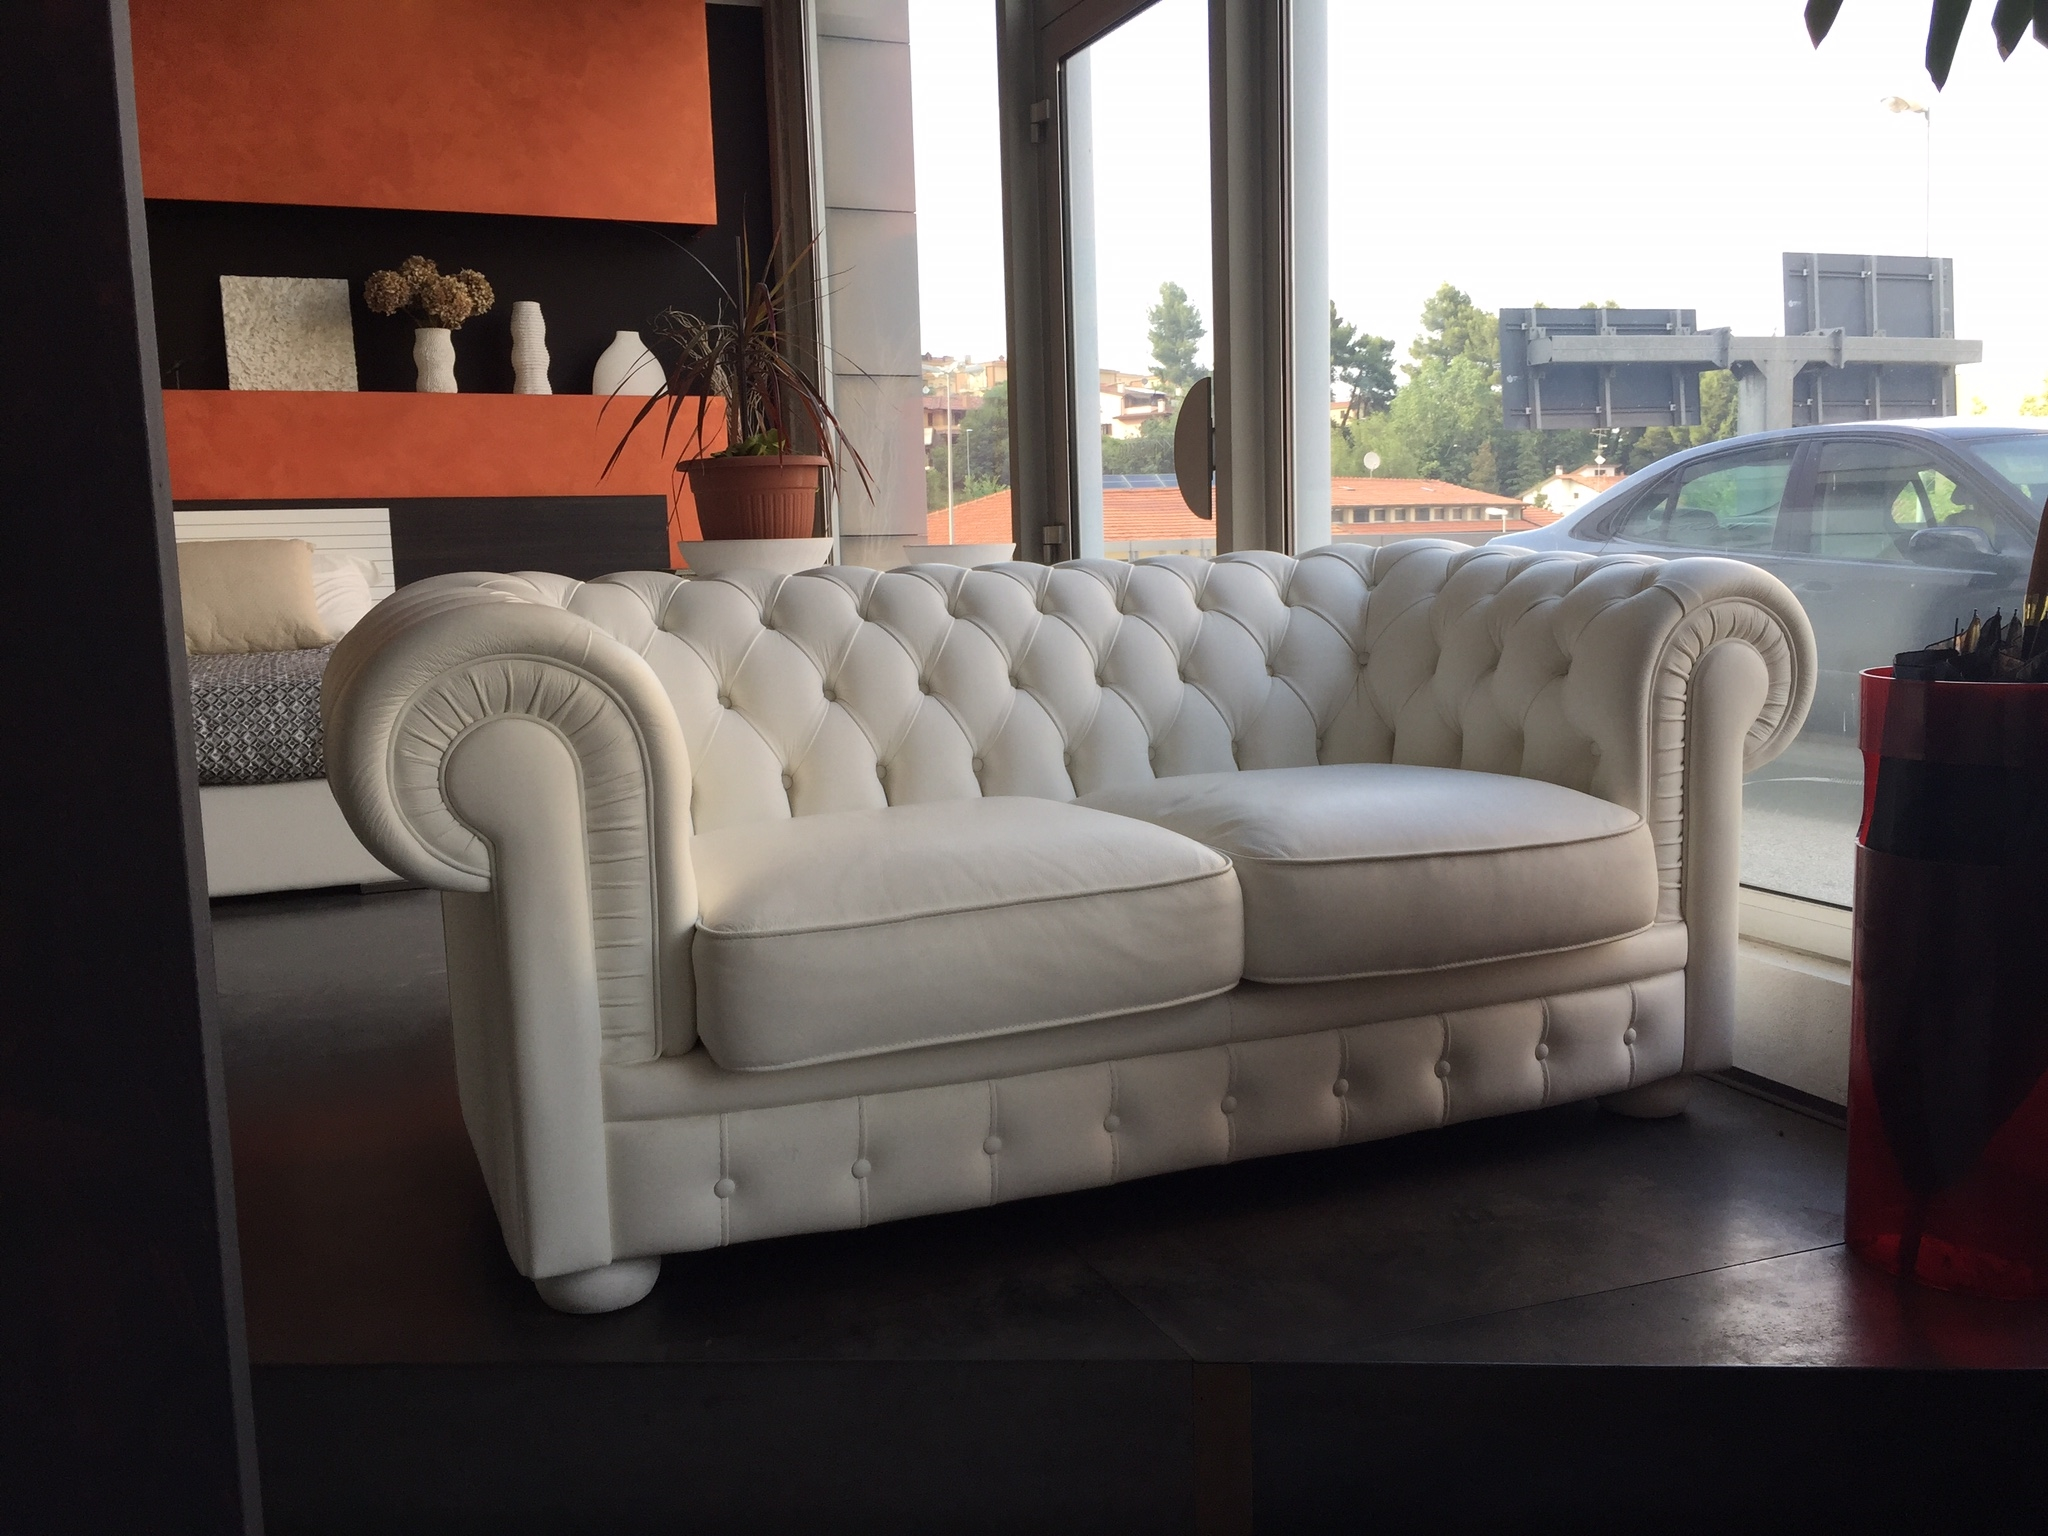 Divano doimo sofas alioth pelle chester sconto 67 - Divani sofa prezzi ...